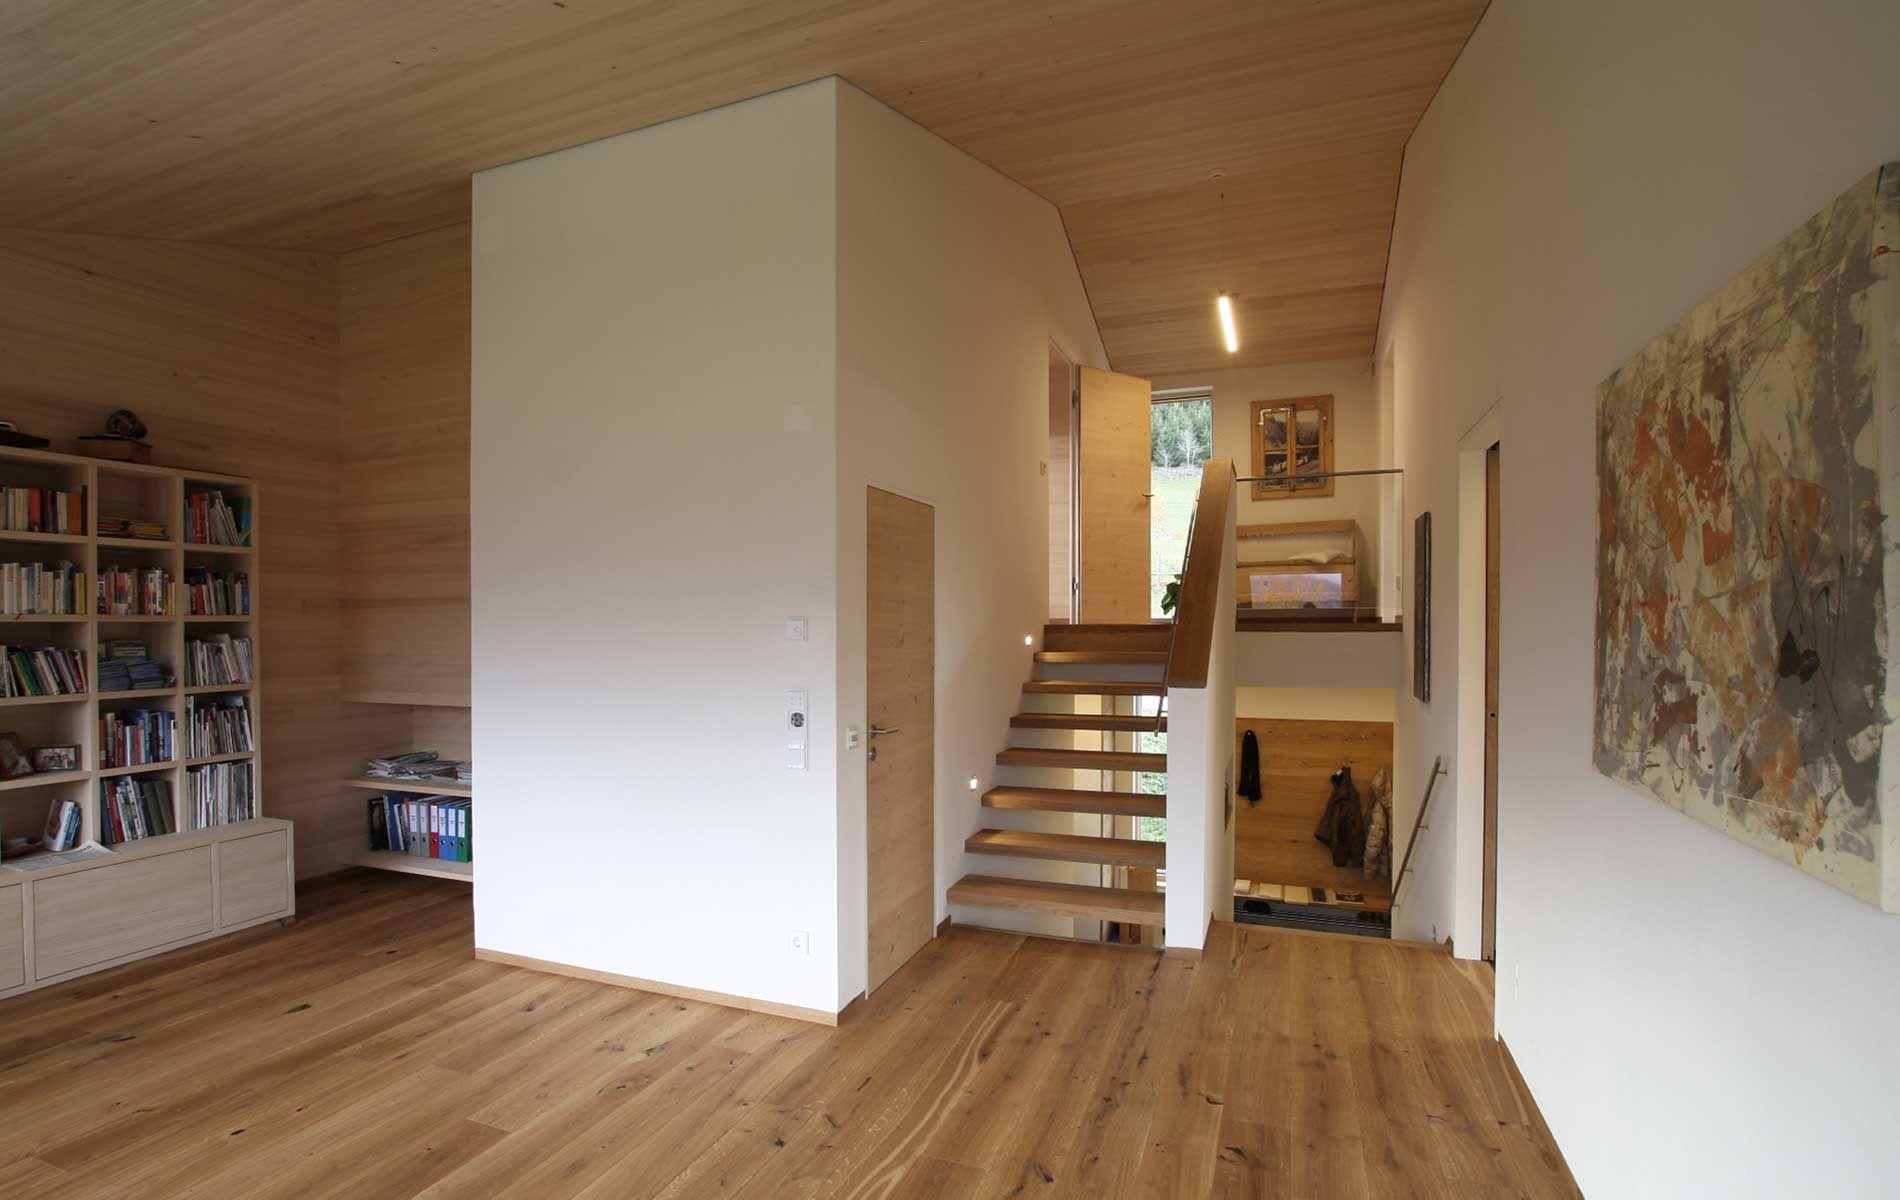 einfamilienhaus holzhaus modern was wir bauen meiberger holzbau wohlf hl holzbauten. Black Bedroom Furniture Sets. Home Design Ideas